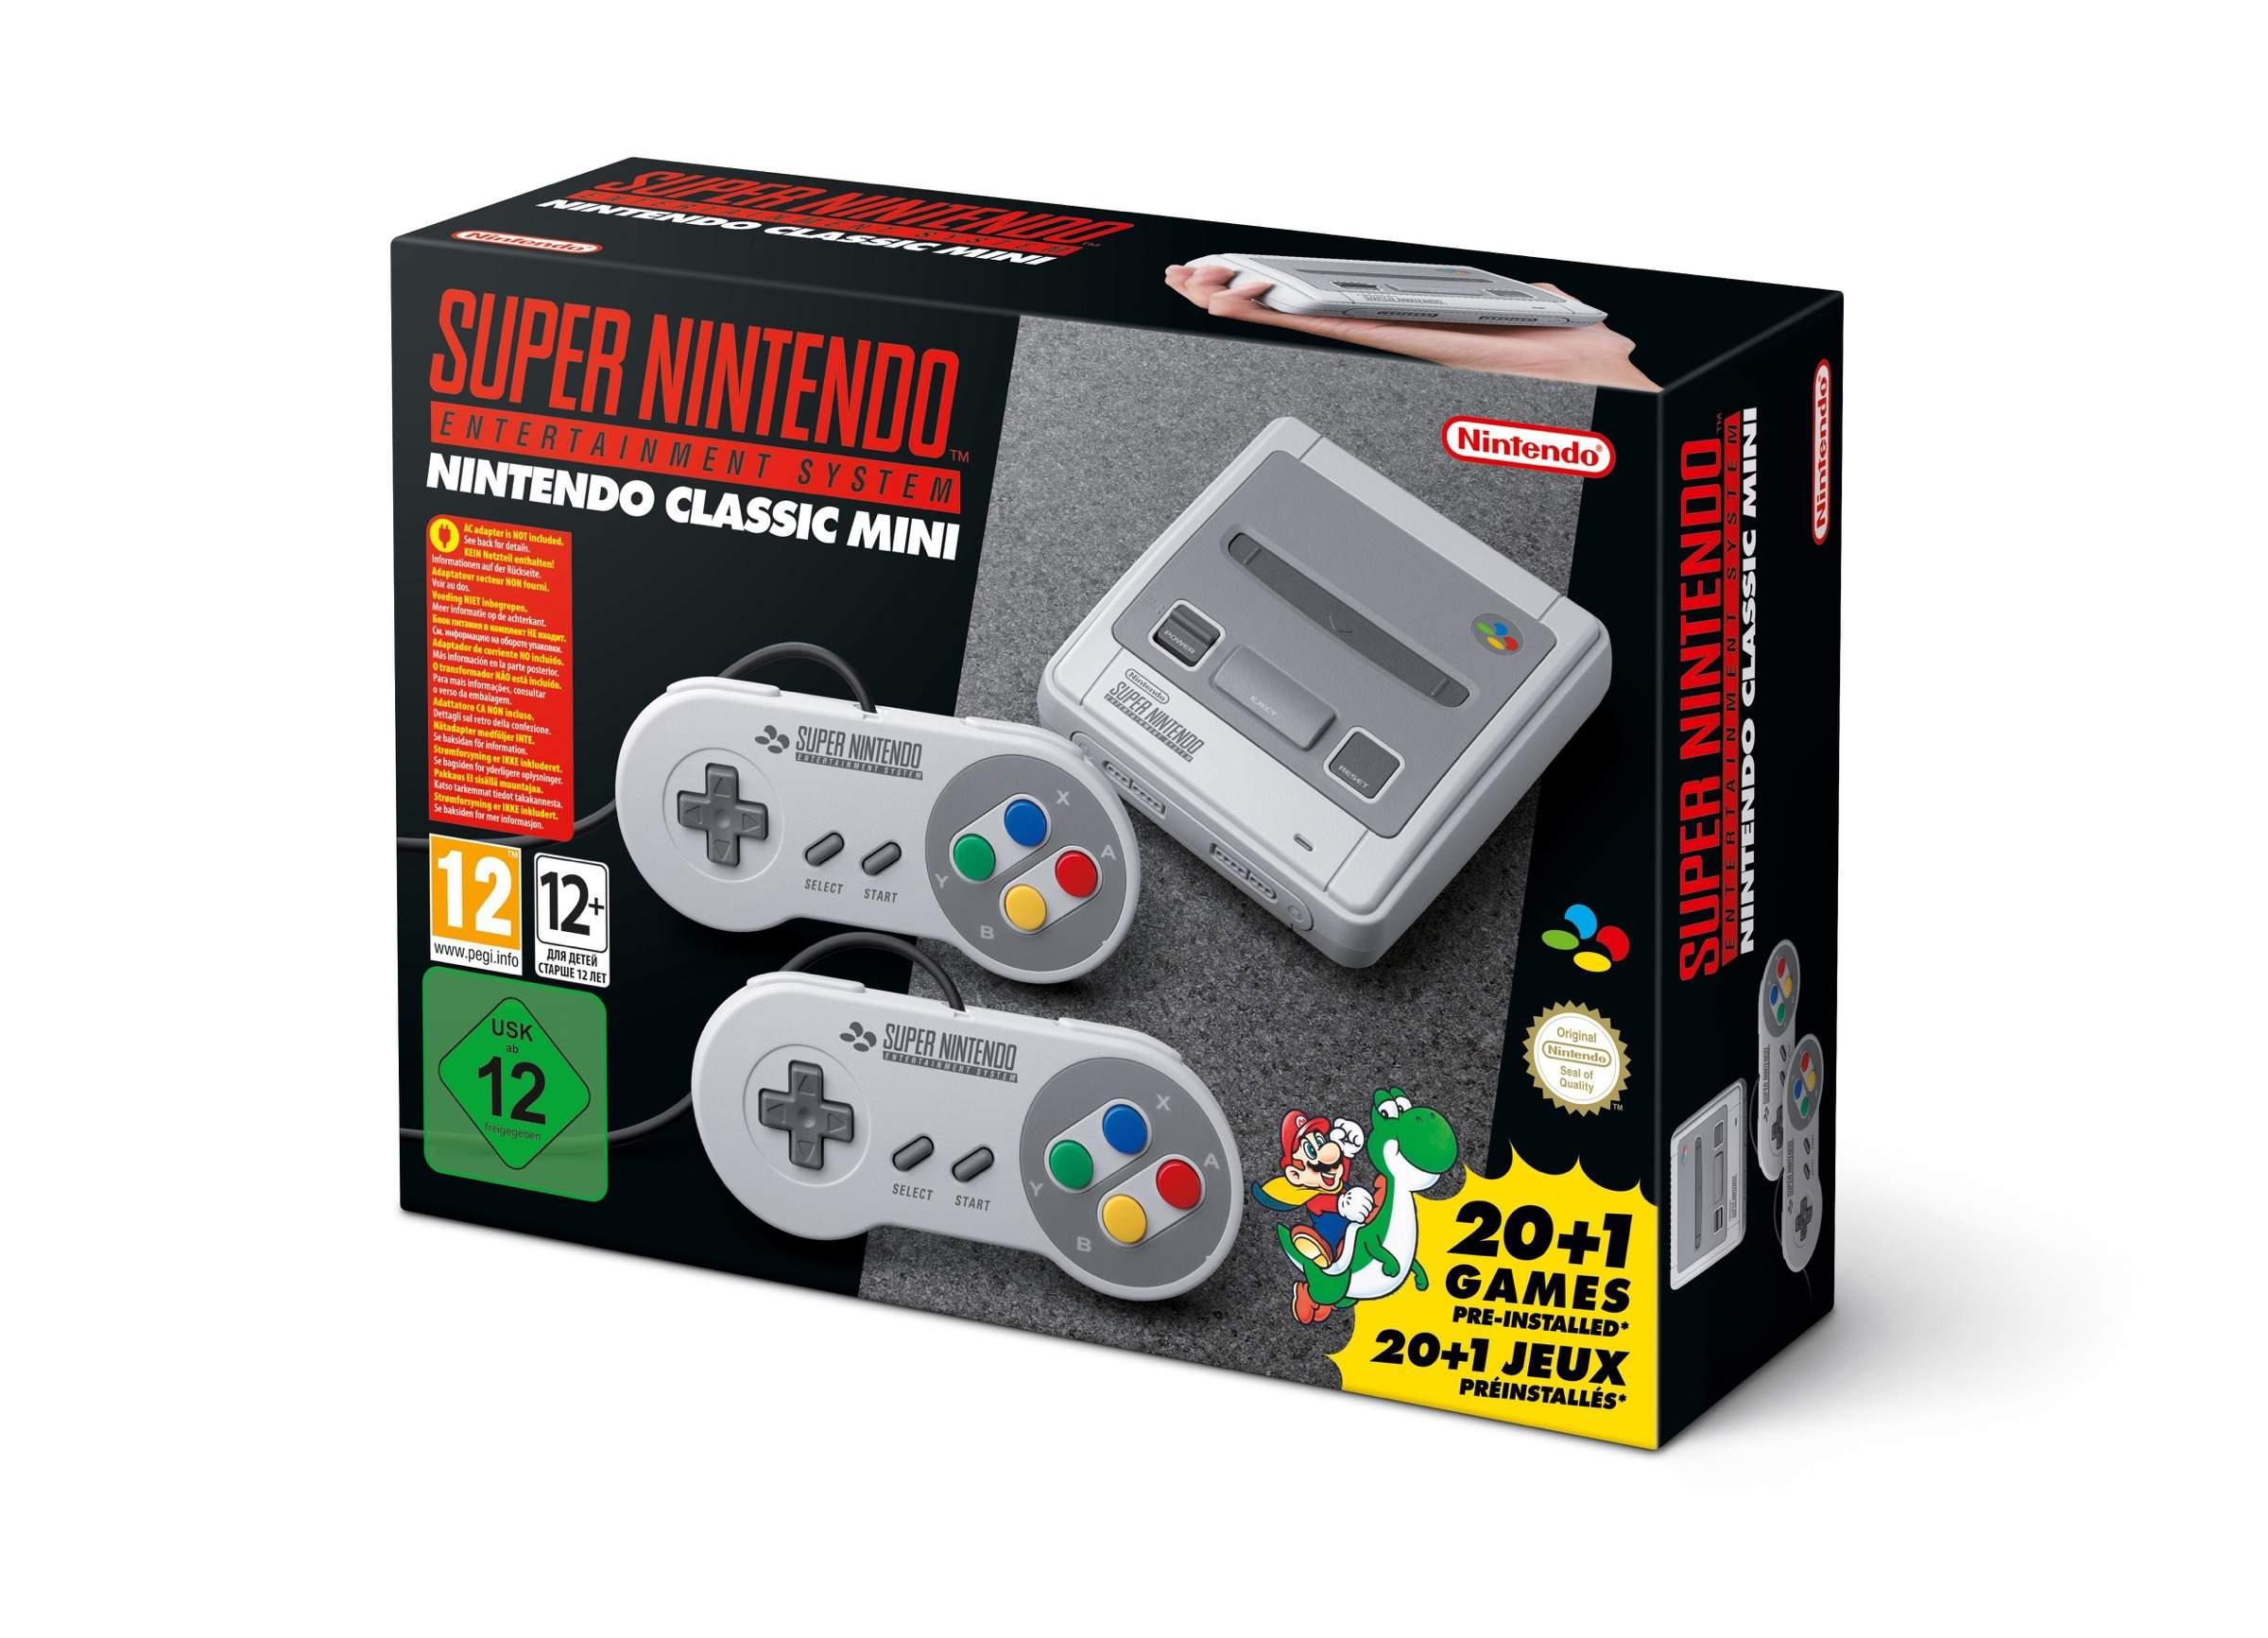 Super Nintendo Entertainment System ab 29.09. im Handel